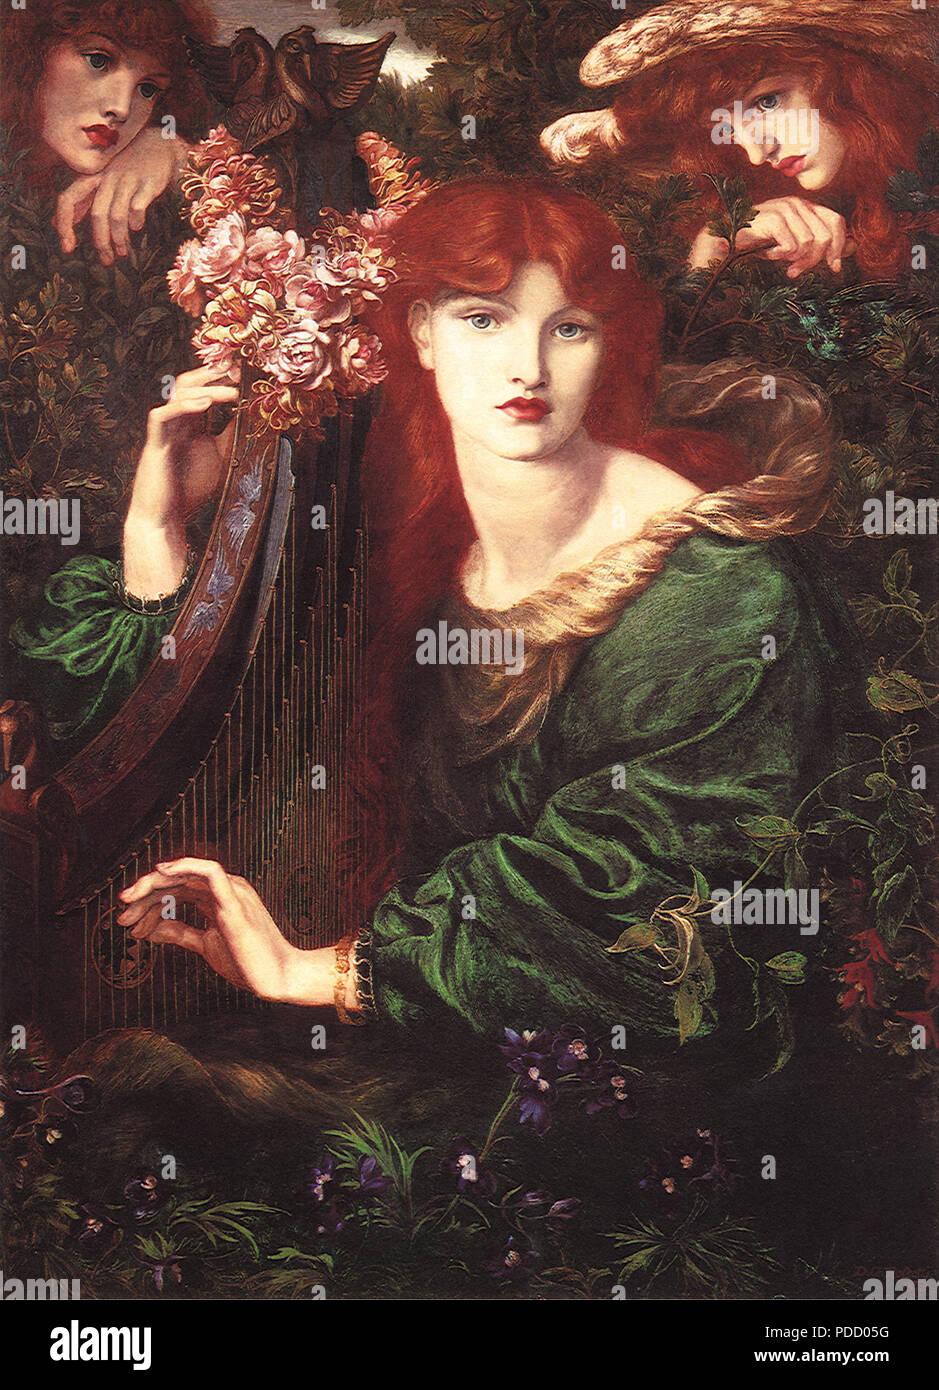 La Ghirlandata, Rossetti, Gabriel Charles Dant, 1873. - Stock Image